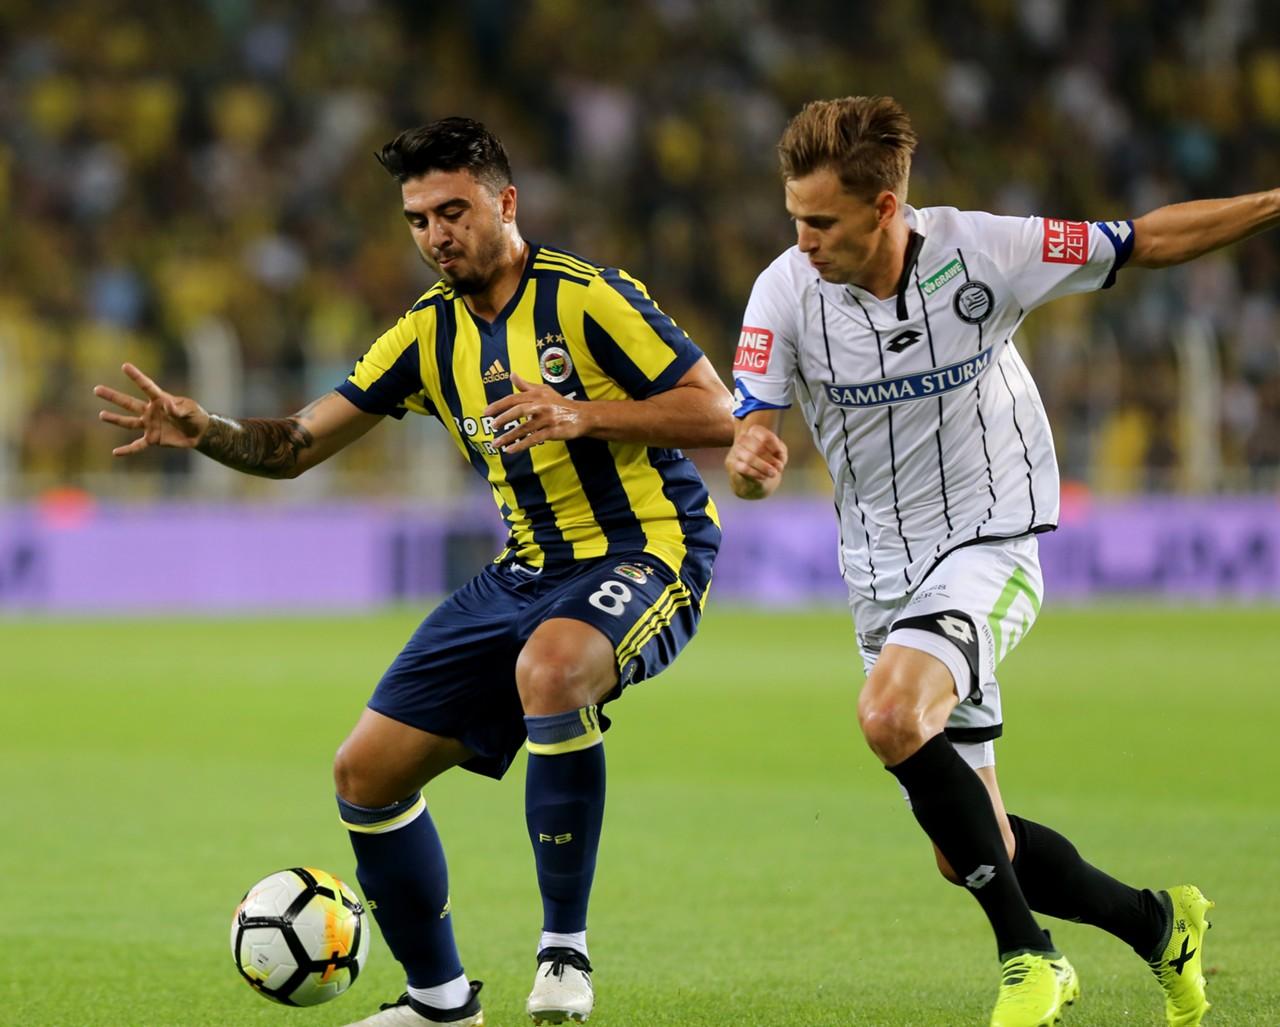 YORUM | Fenerbahçe'de işler yoluna girmedi, ama girecek